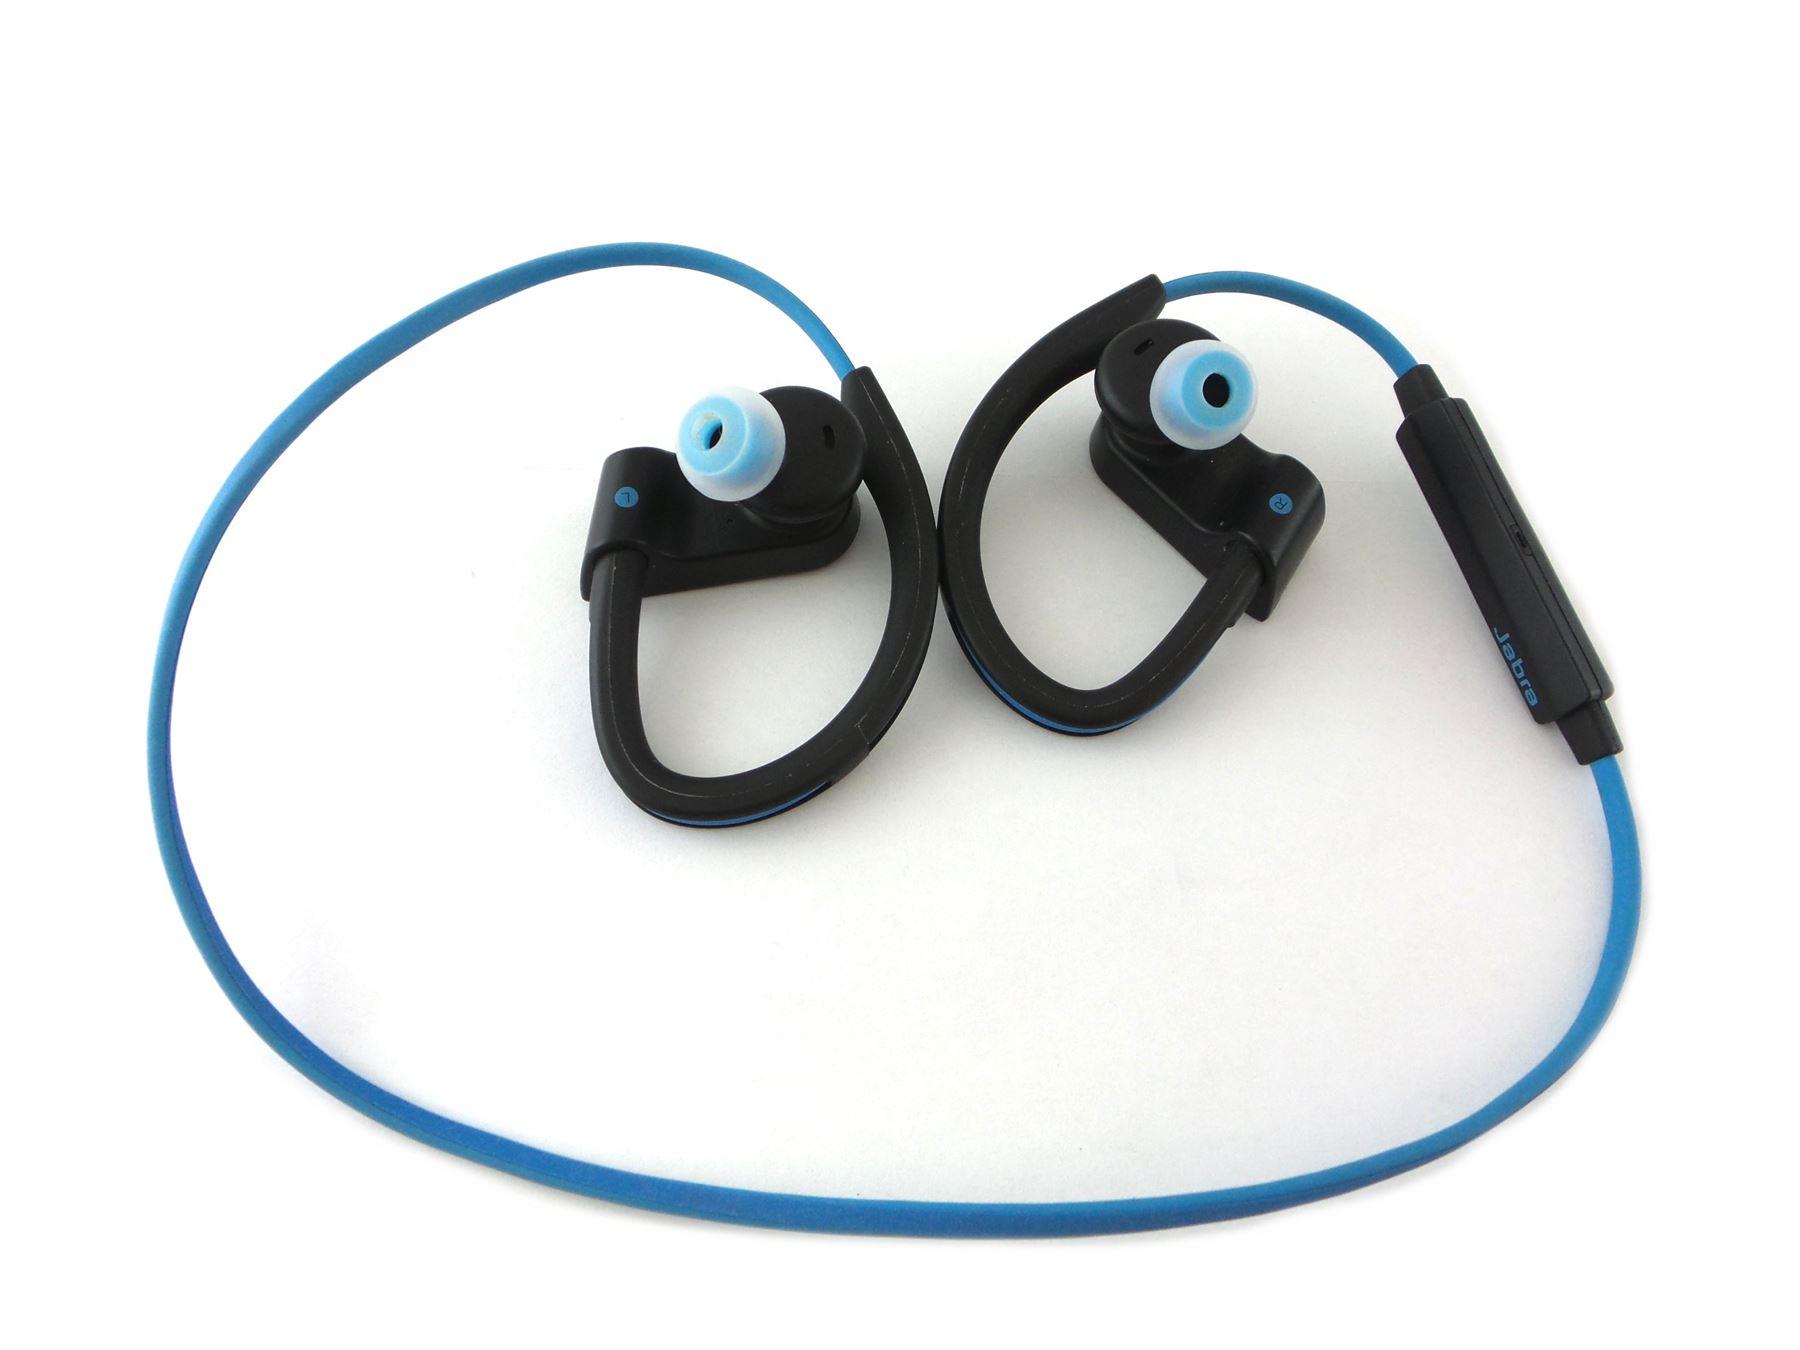 Jabra Sport Pace Wireless Ear Hook Headphones Blue 100 97700002 02 Earbuds See Desc